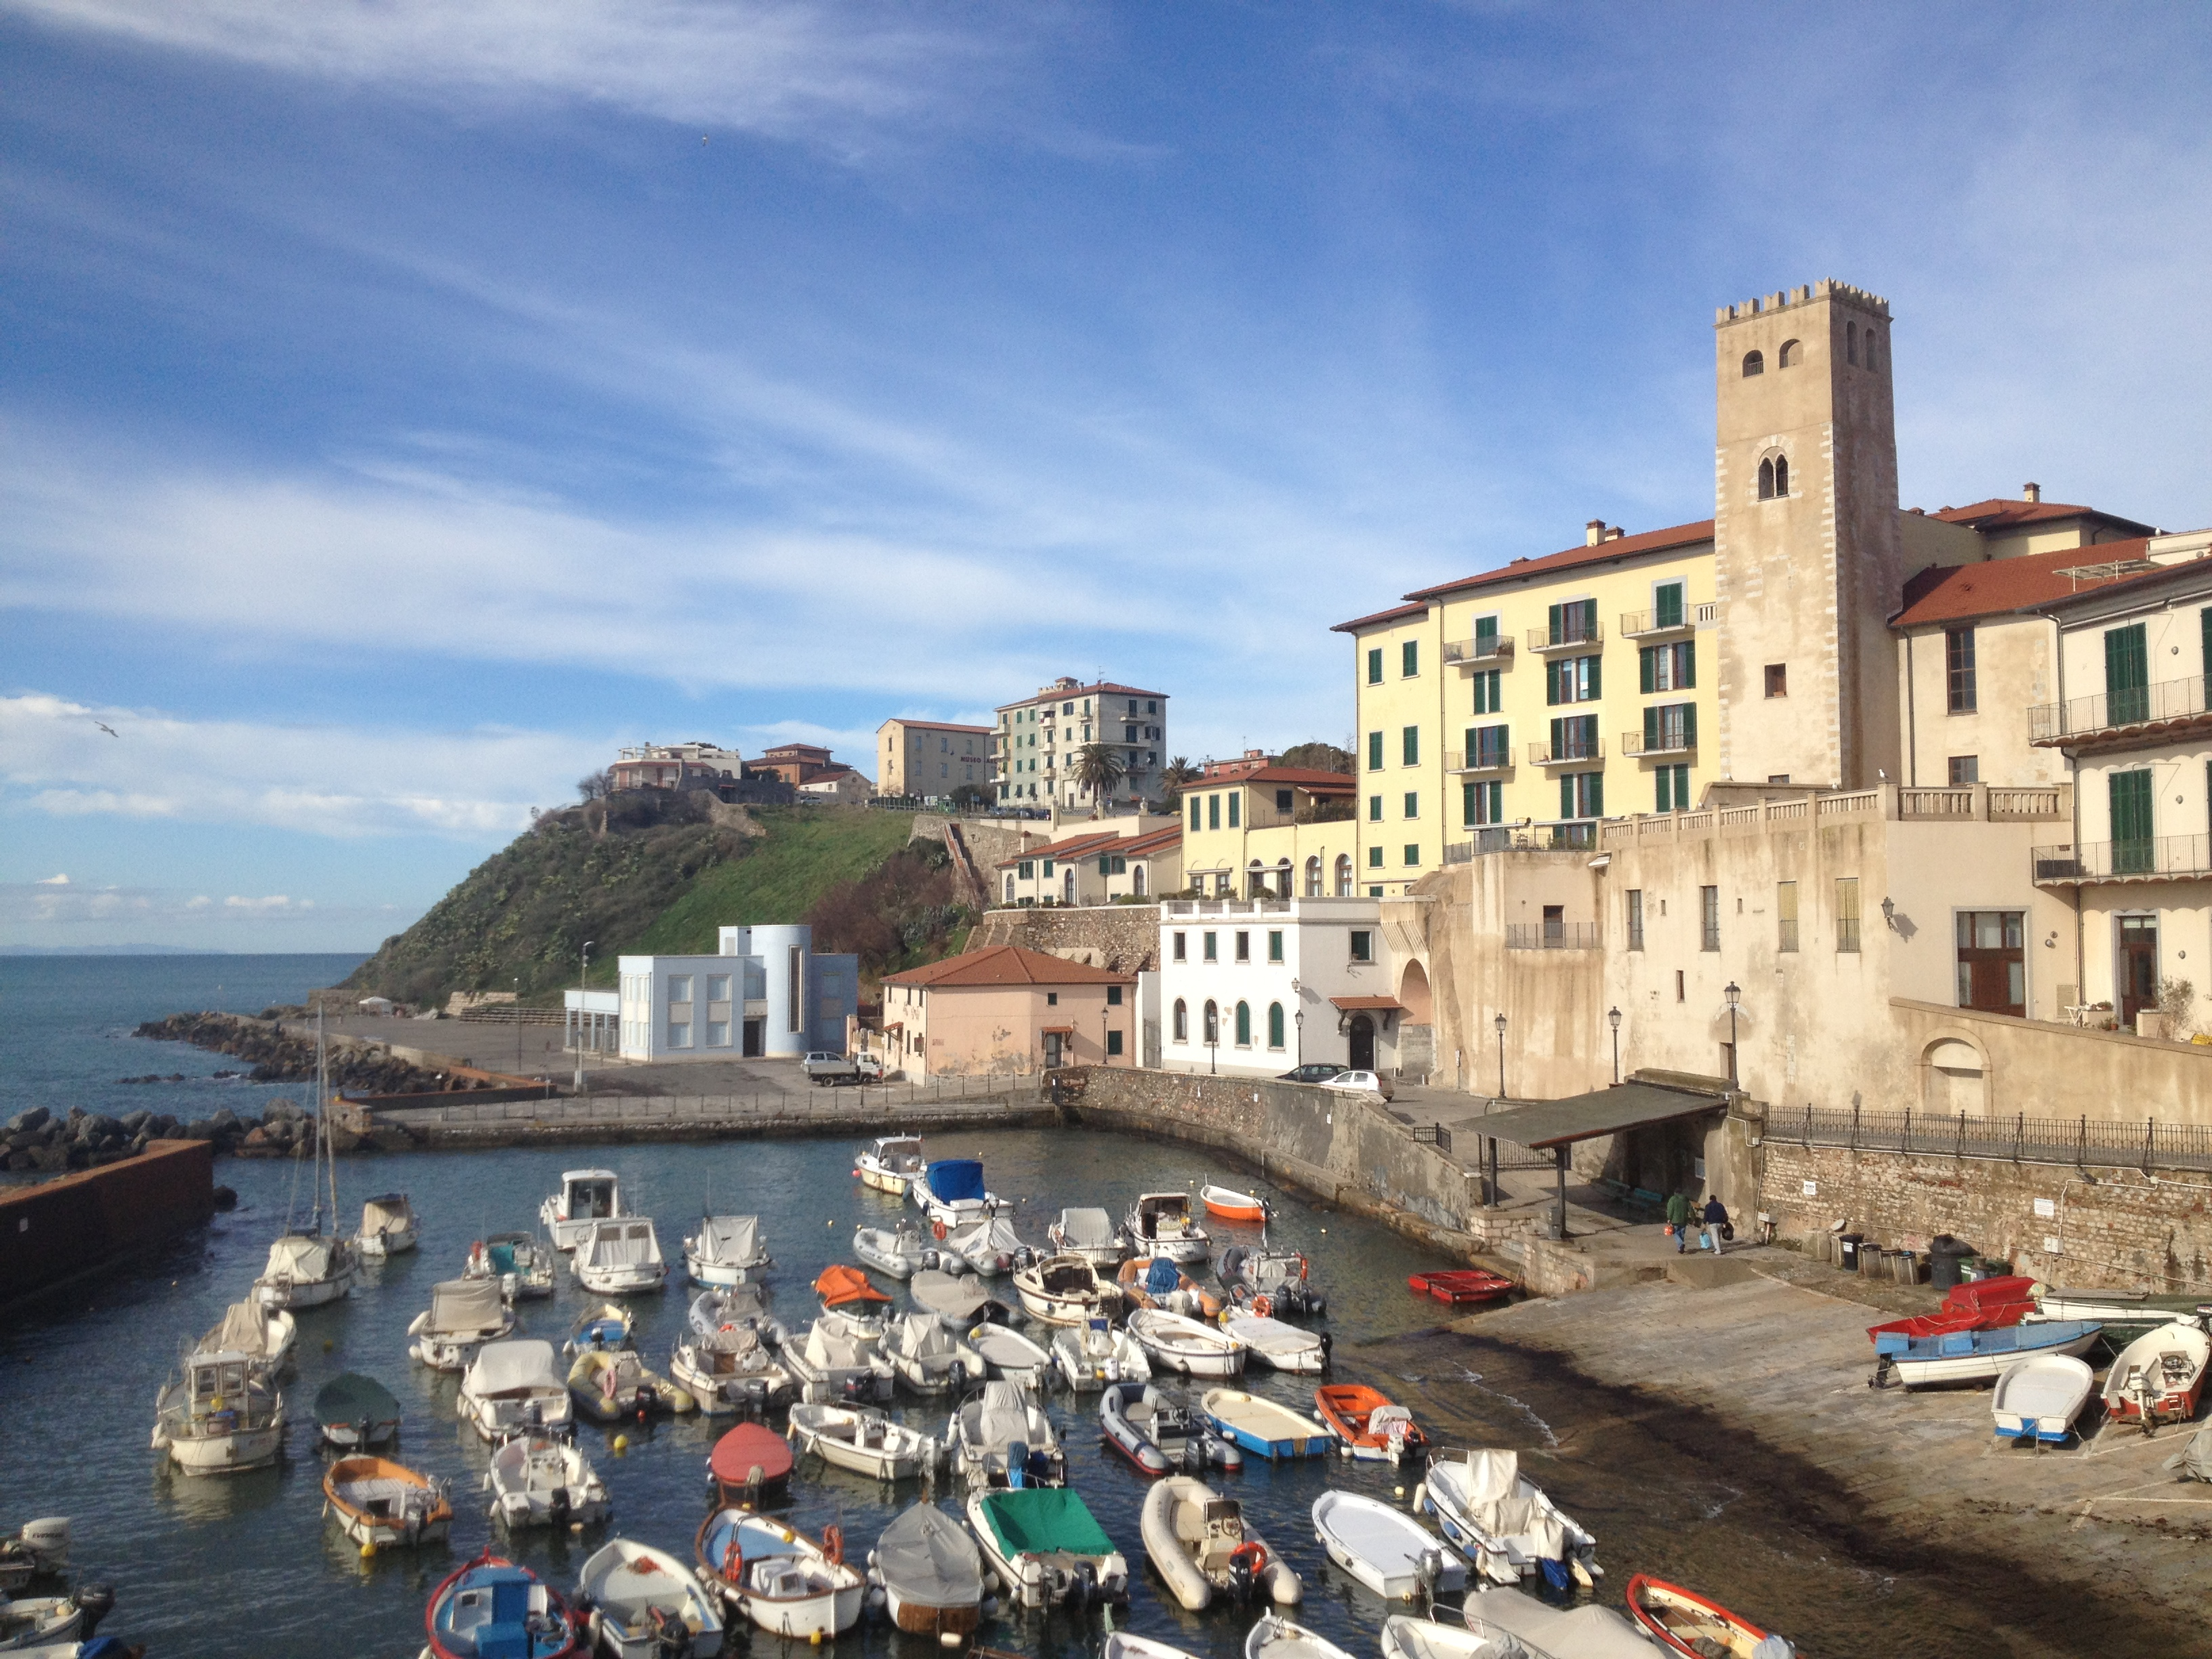 File57025 Piombino, Province of Livorno, Italy